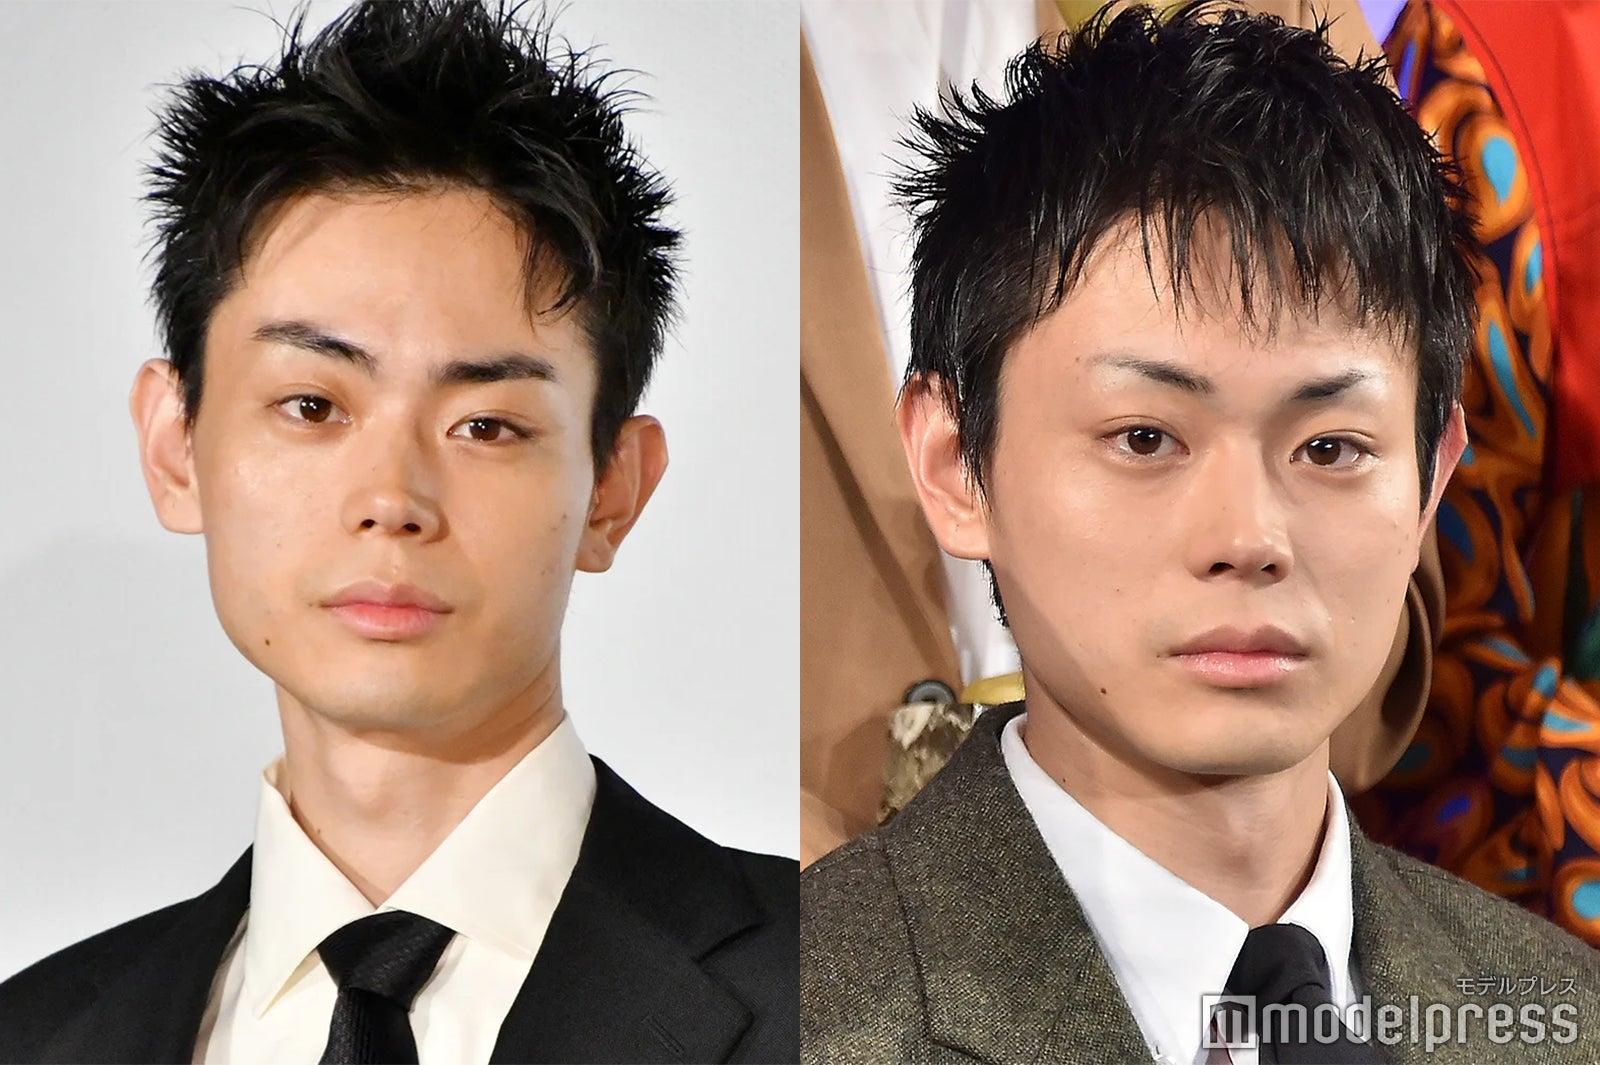 菅田将暉、鋭い細眉姿に驚きの声「かっこいい」「似合ってて